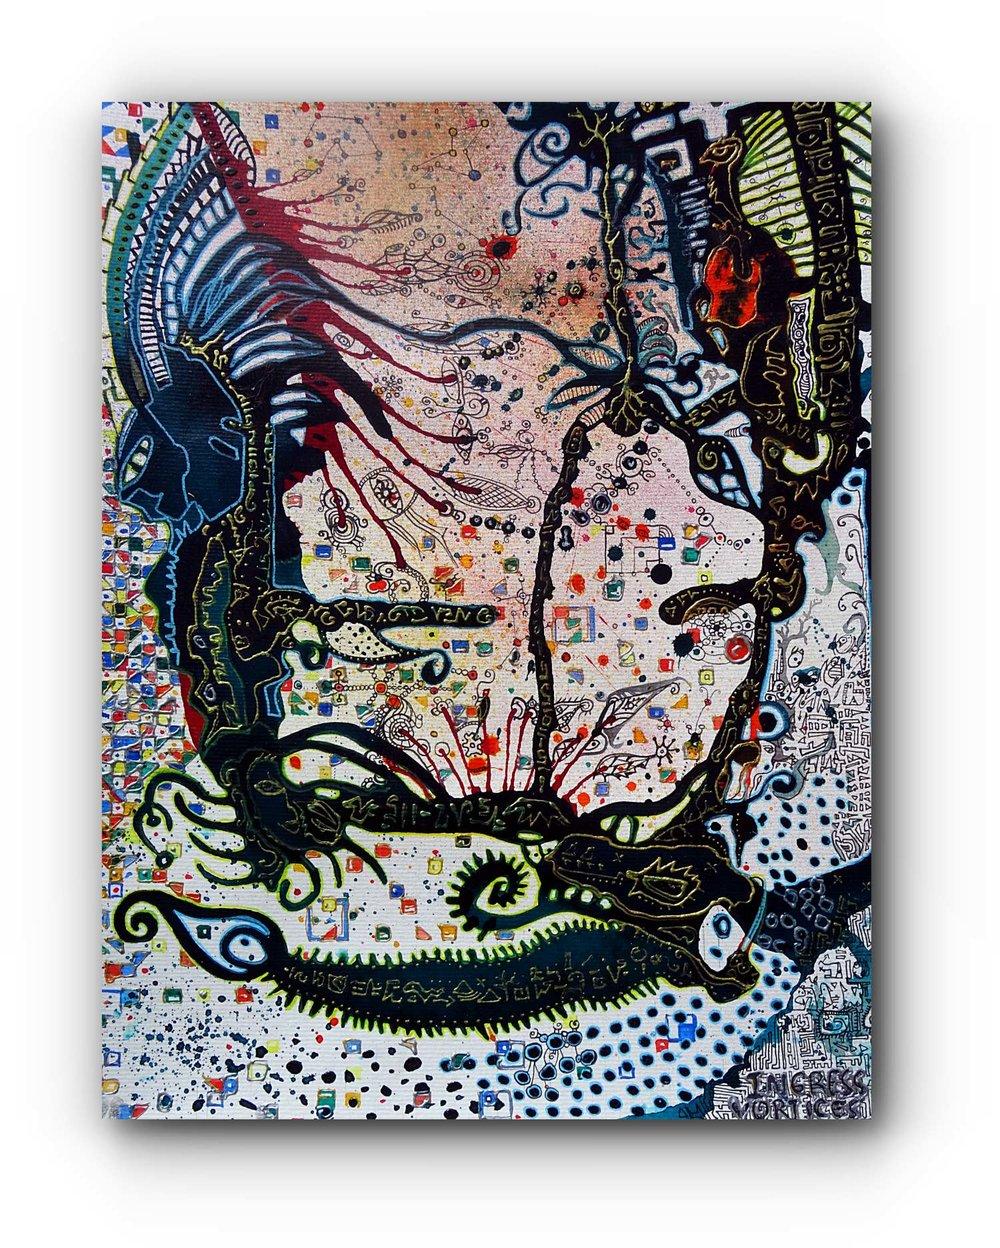 painting-quetzalcoatl-artist-duo-ingress-vortices.jpg